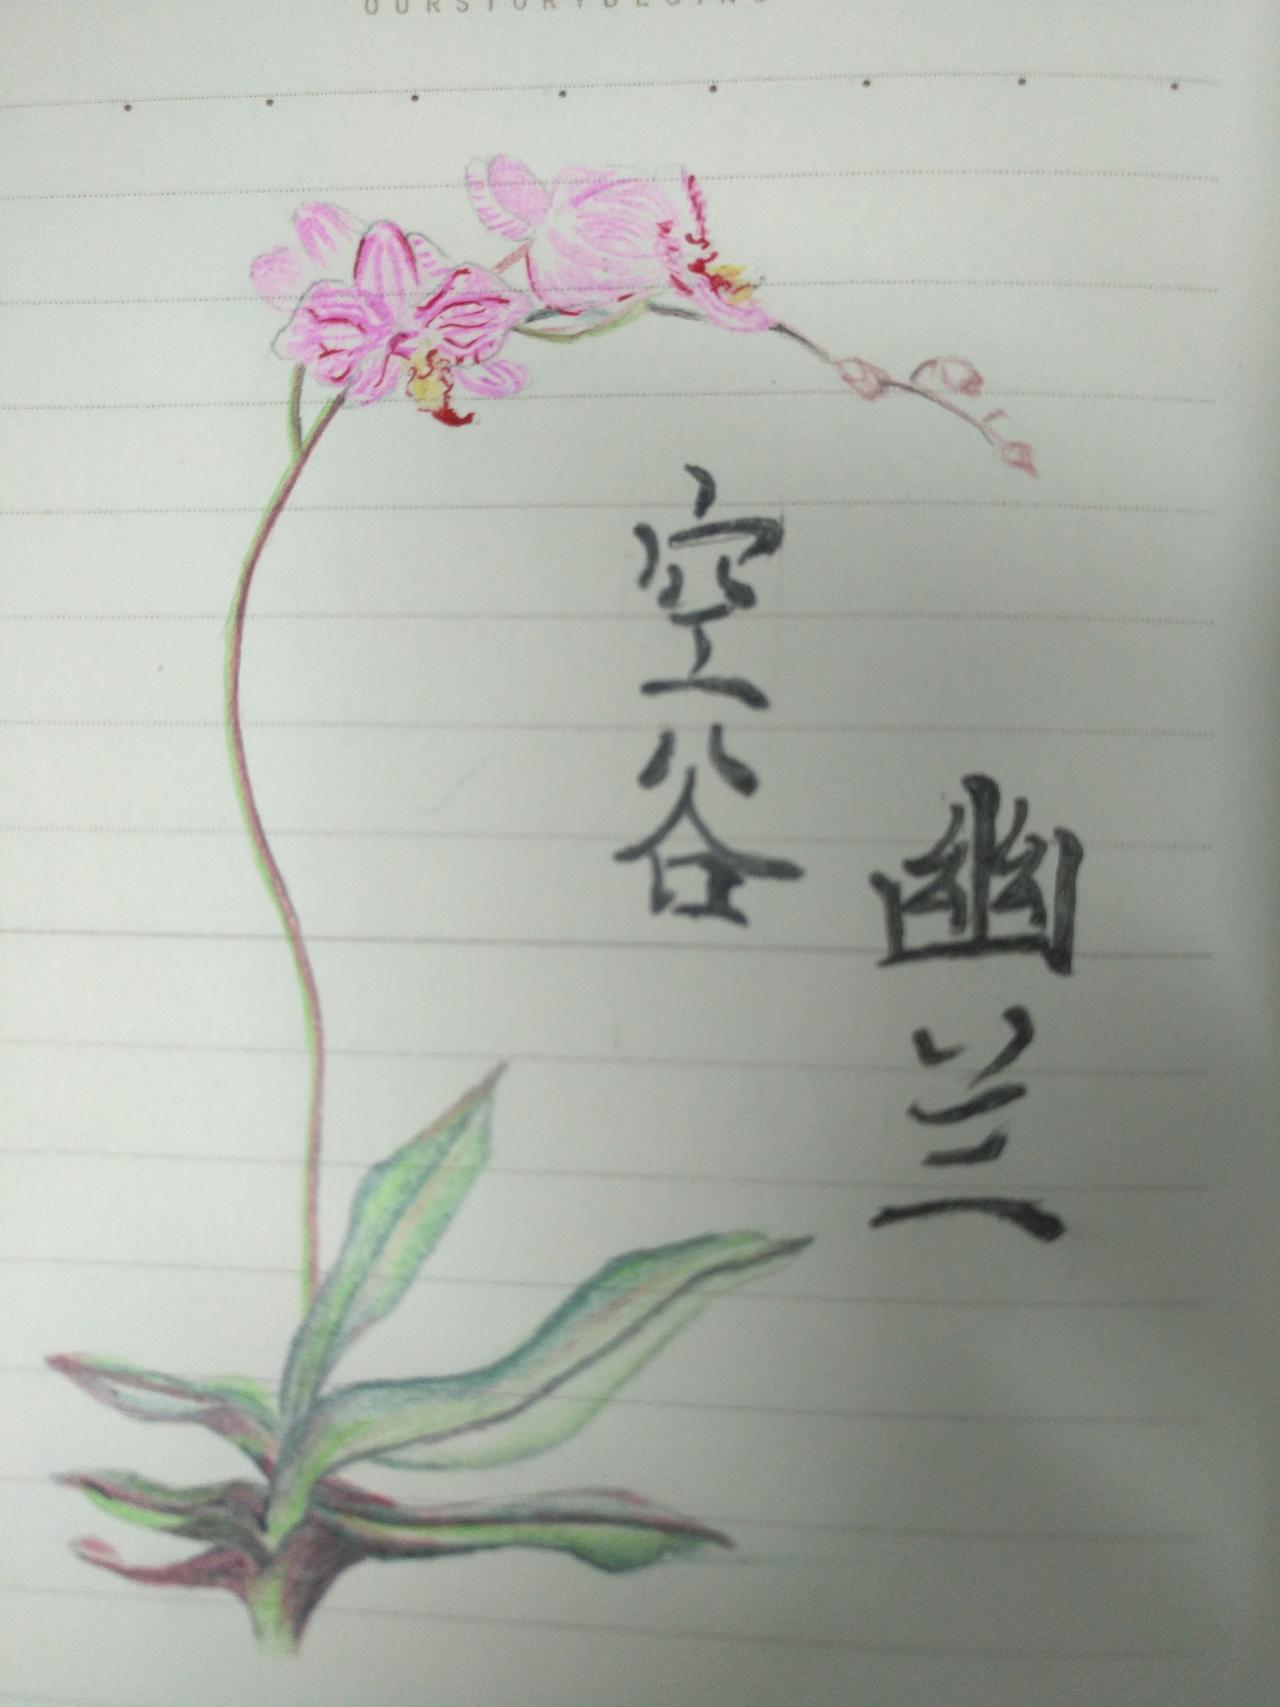 一些简单的手绘